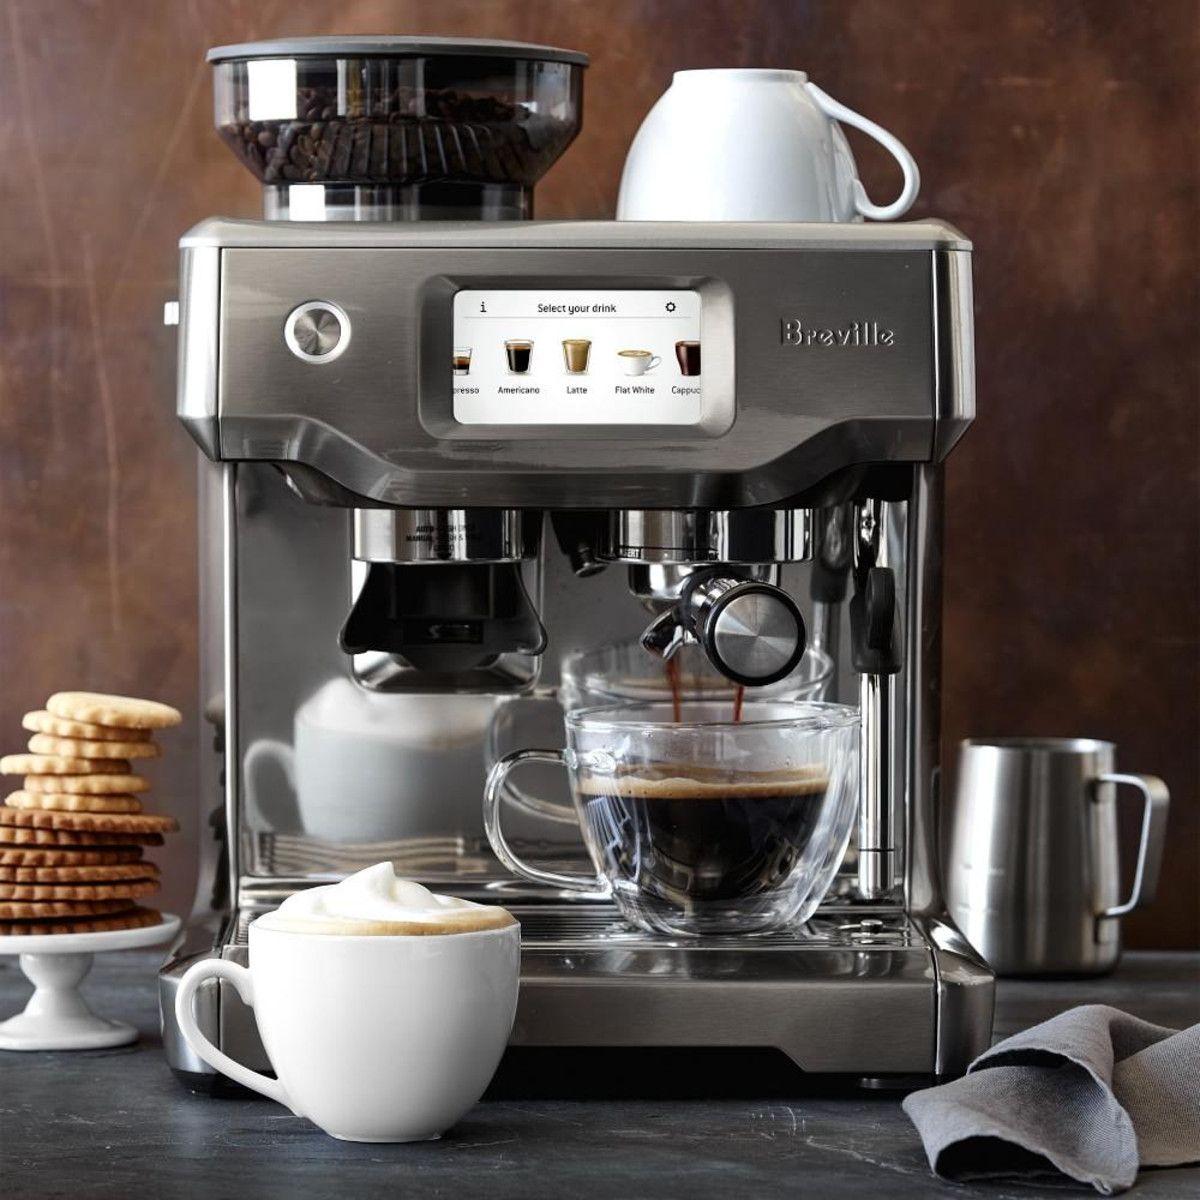 Breville Barista Touch Espresso Machine With Images Coffee And Espresso Maker Coffee Maker With Grinder